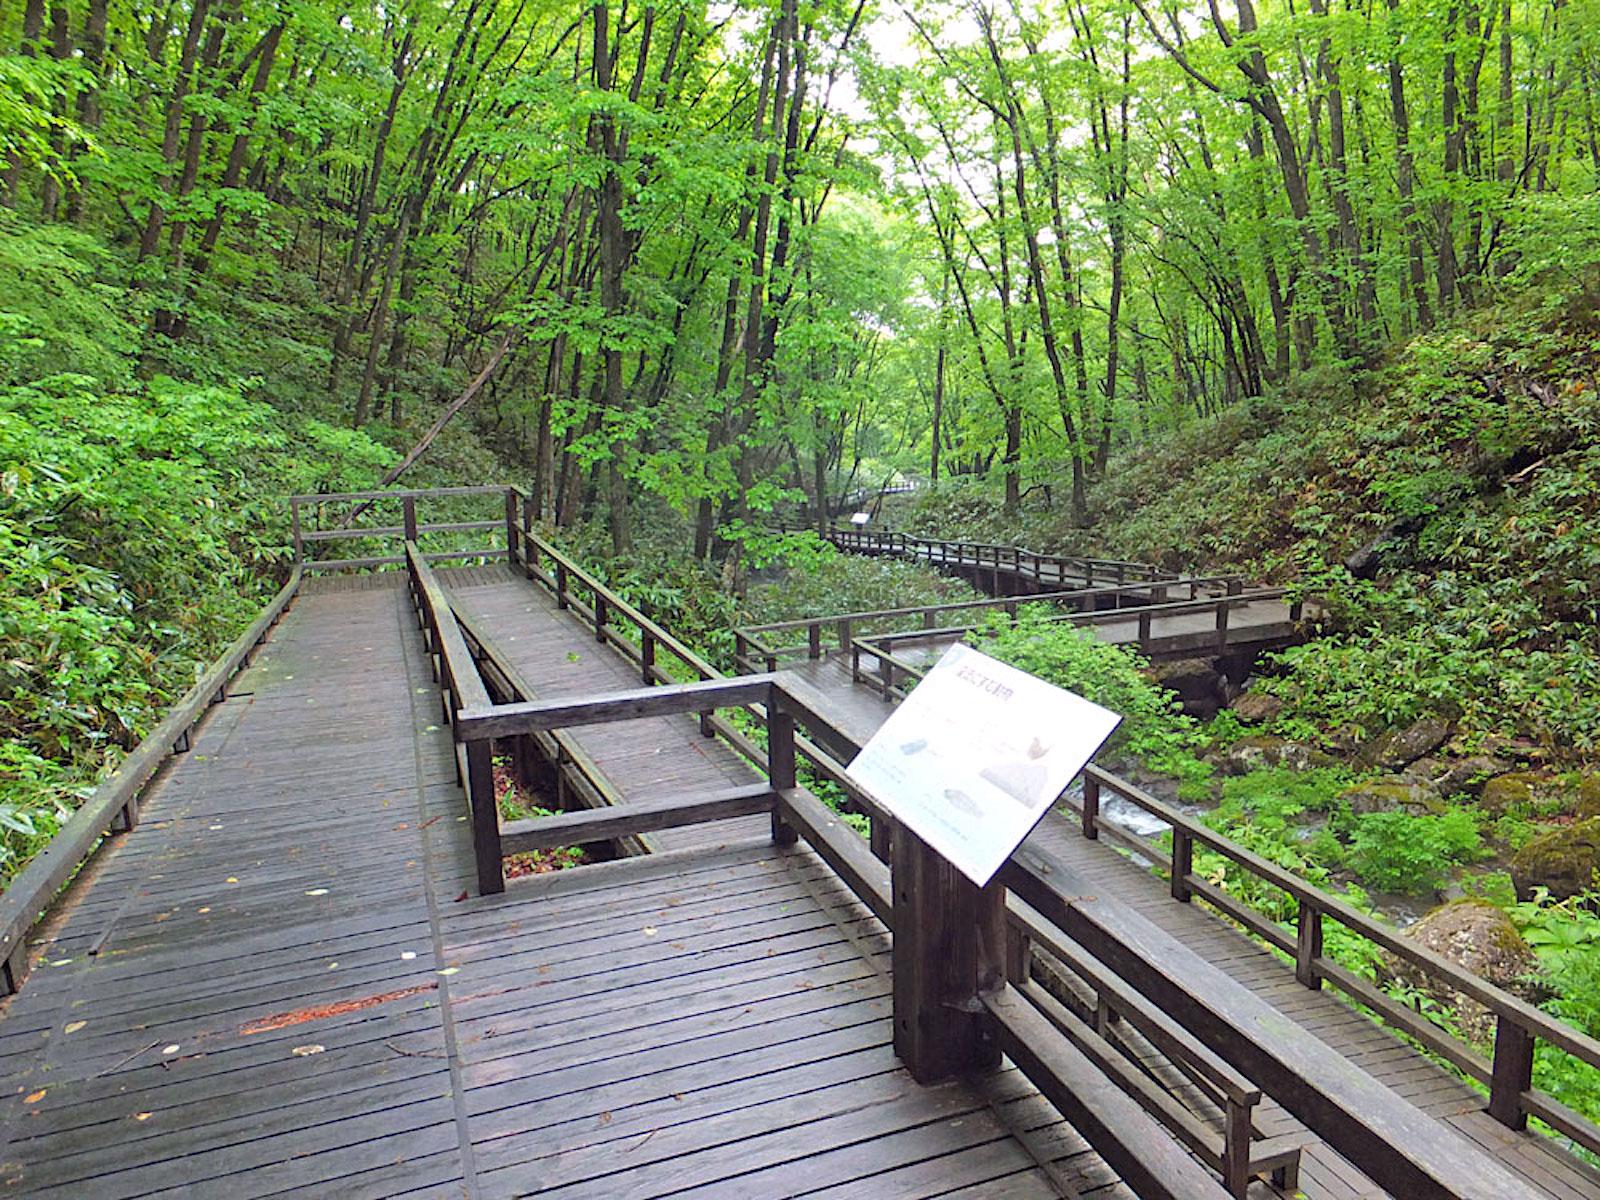 鹿沢園地自然学習歩道